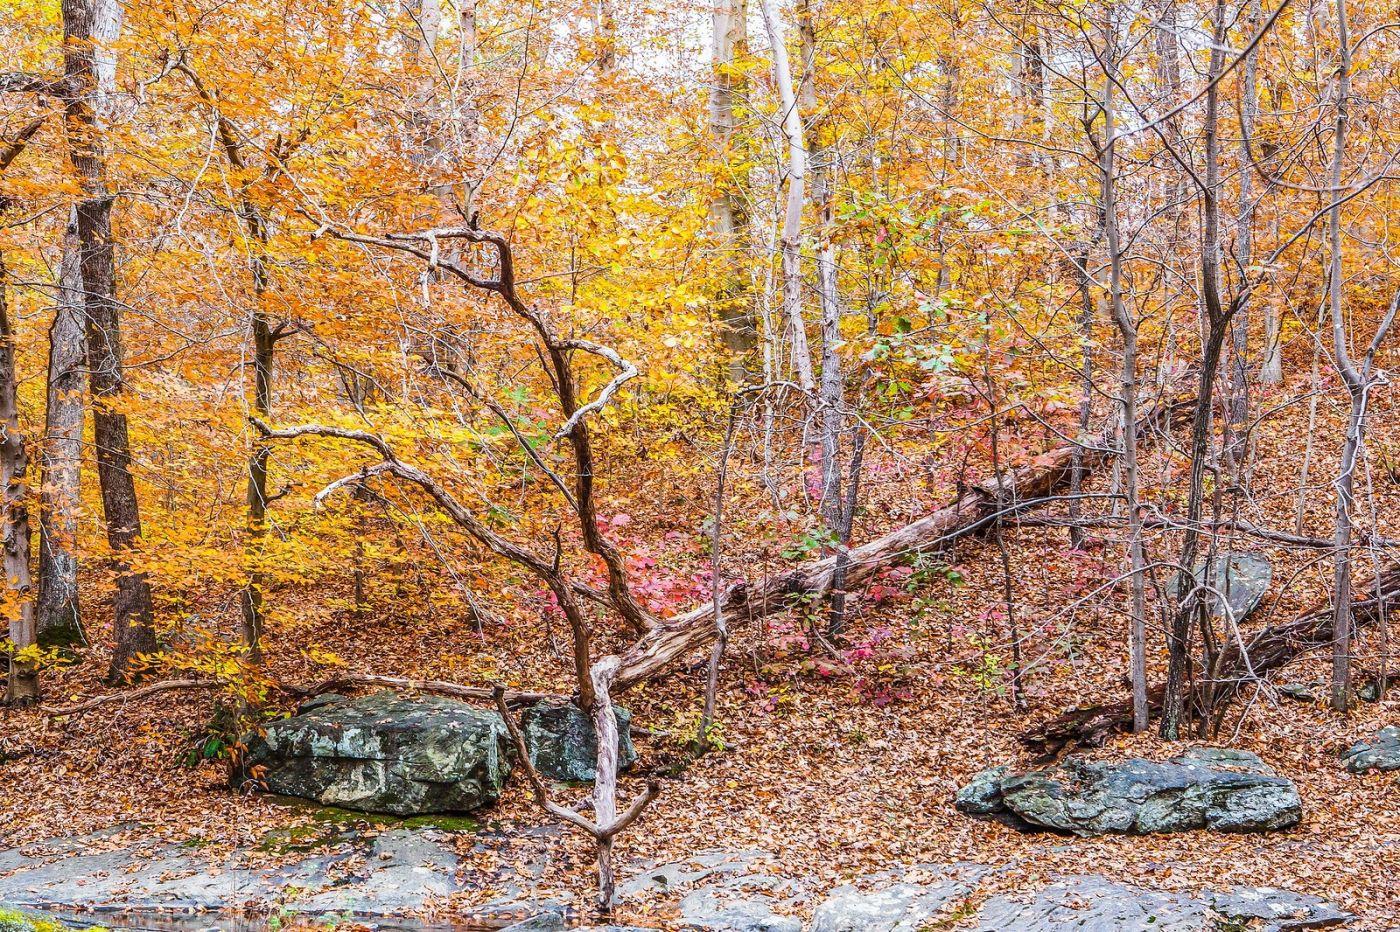 宾州雷德利克里克公园(Ridley creek park),迷人的秋色_图1-9